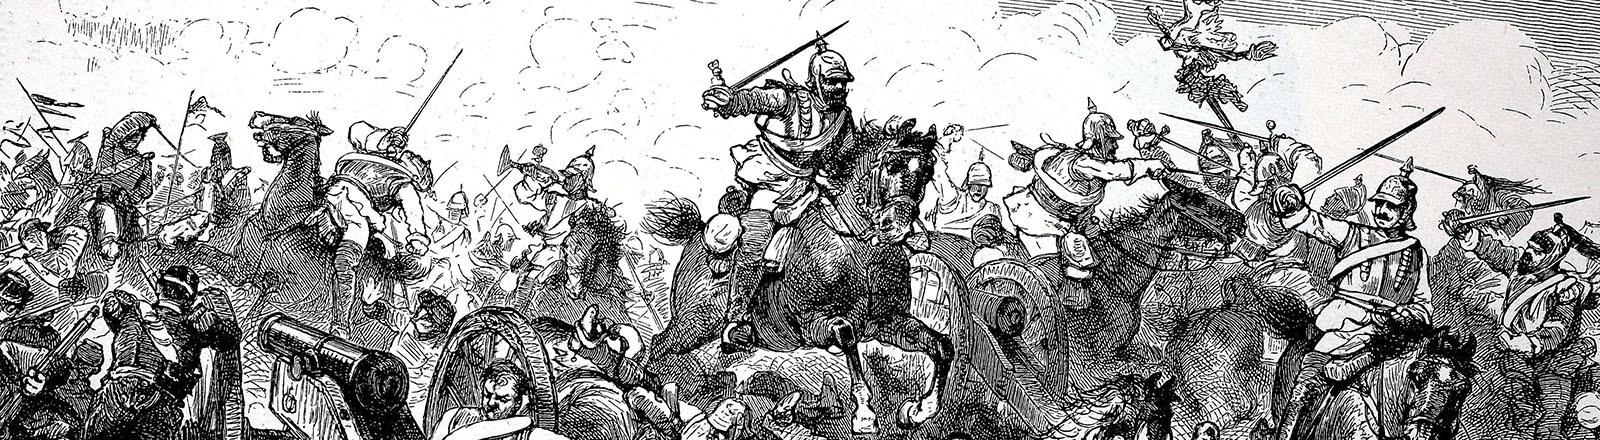 Ein Holzschnitt zeigt die Schlacht bei Vionville, im deutsch-französischen Krieg 1870/71.